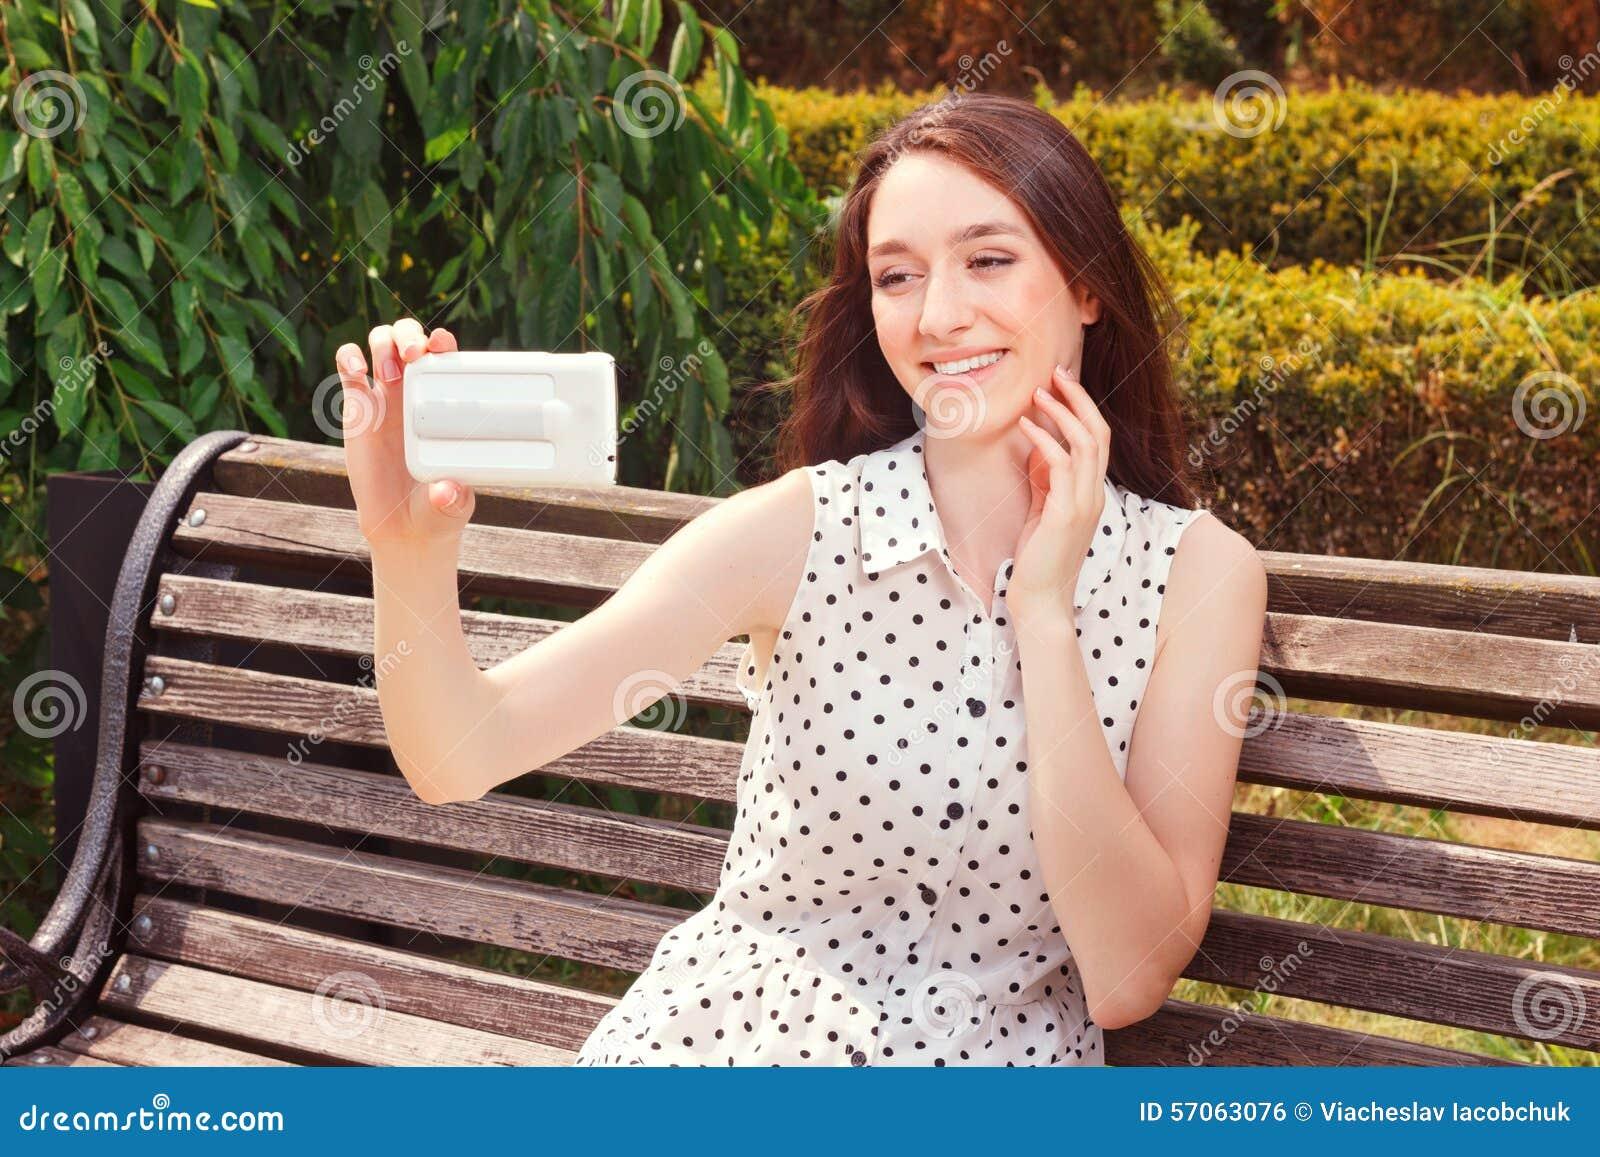 Levendig meisje die mobiele telefoon houden